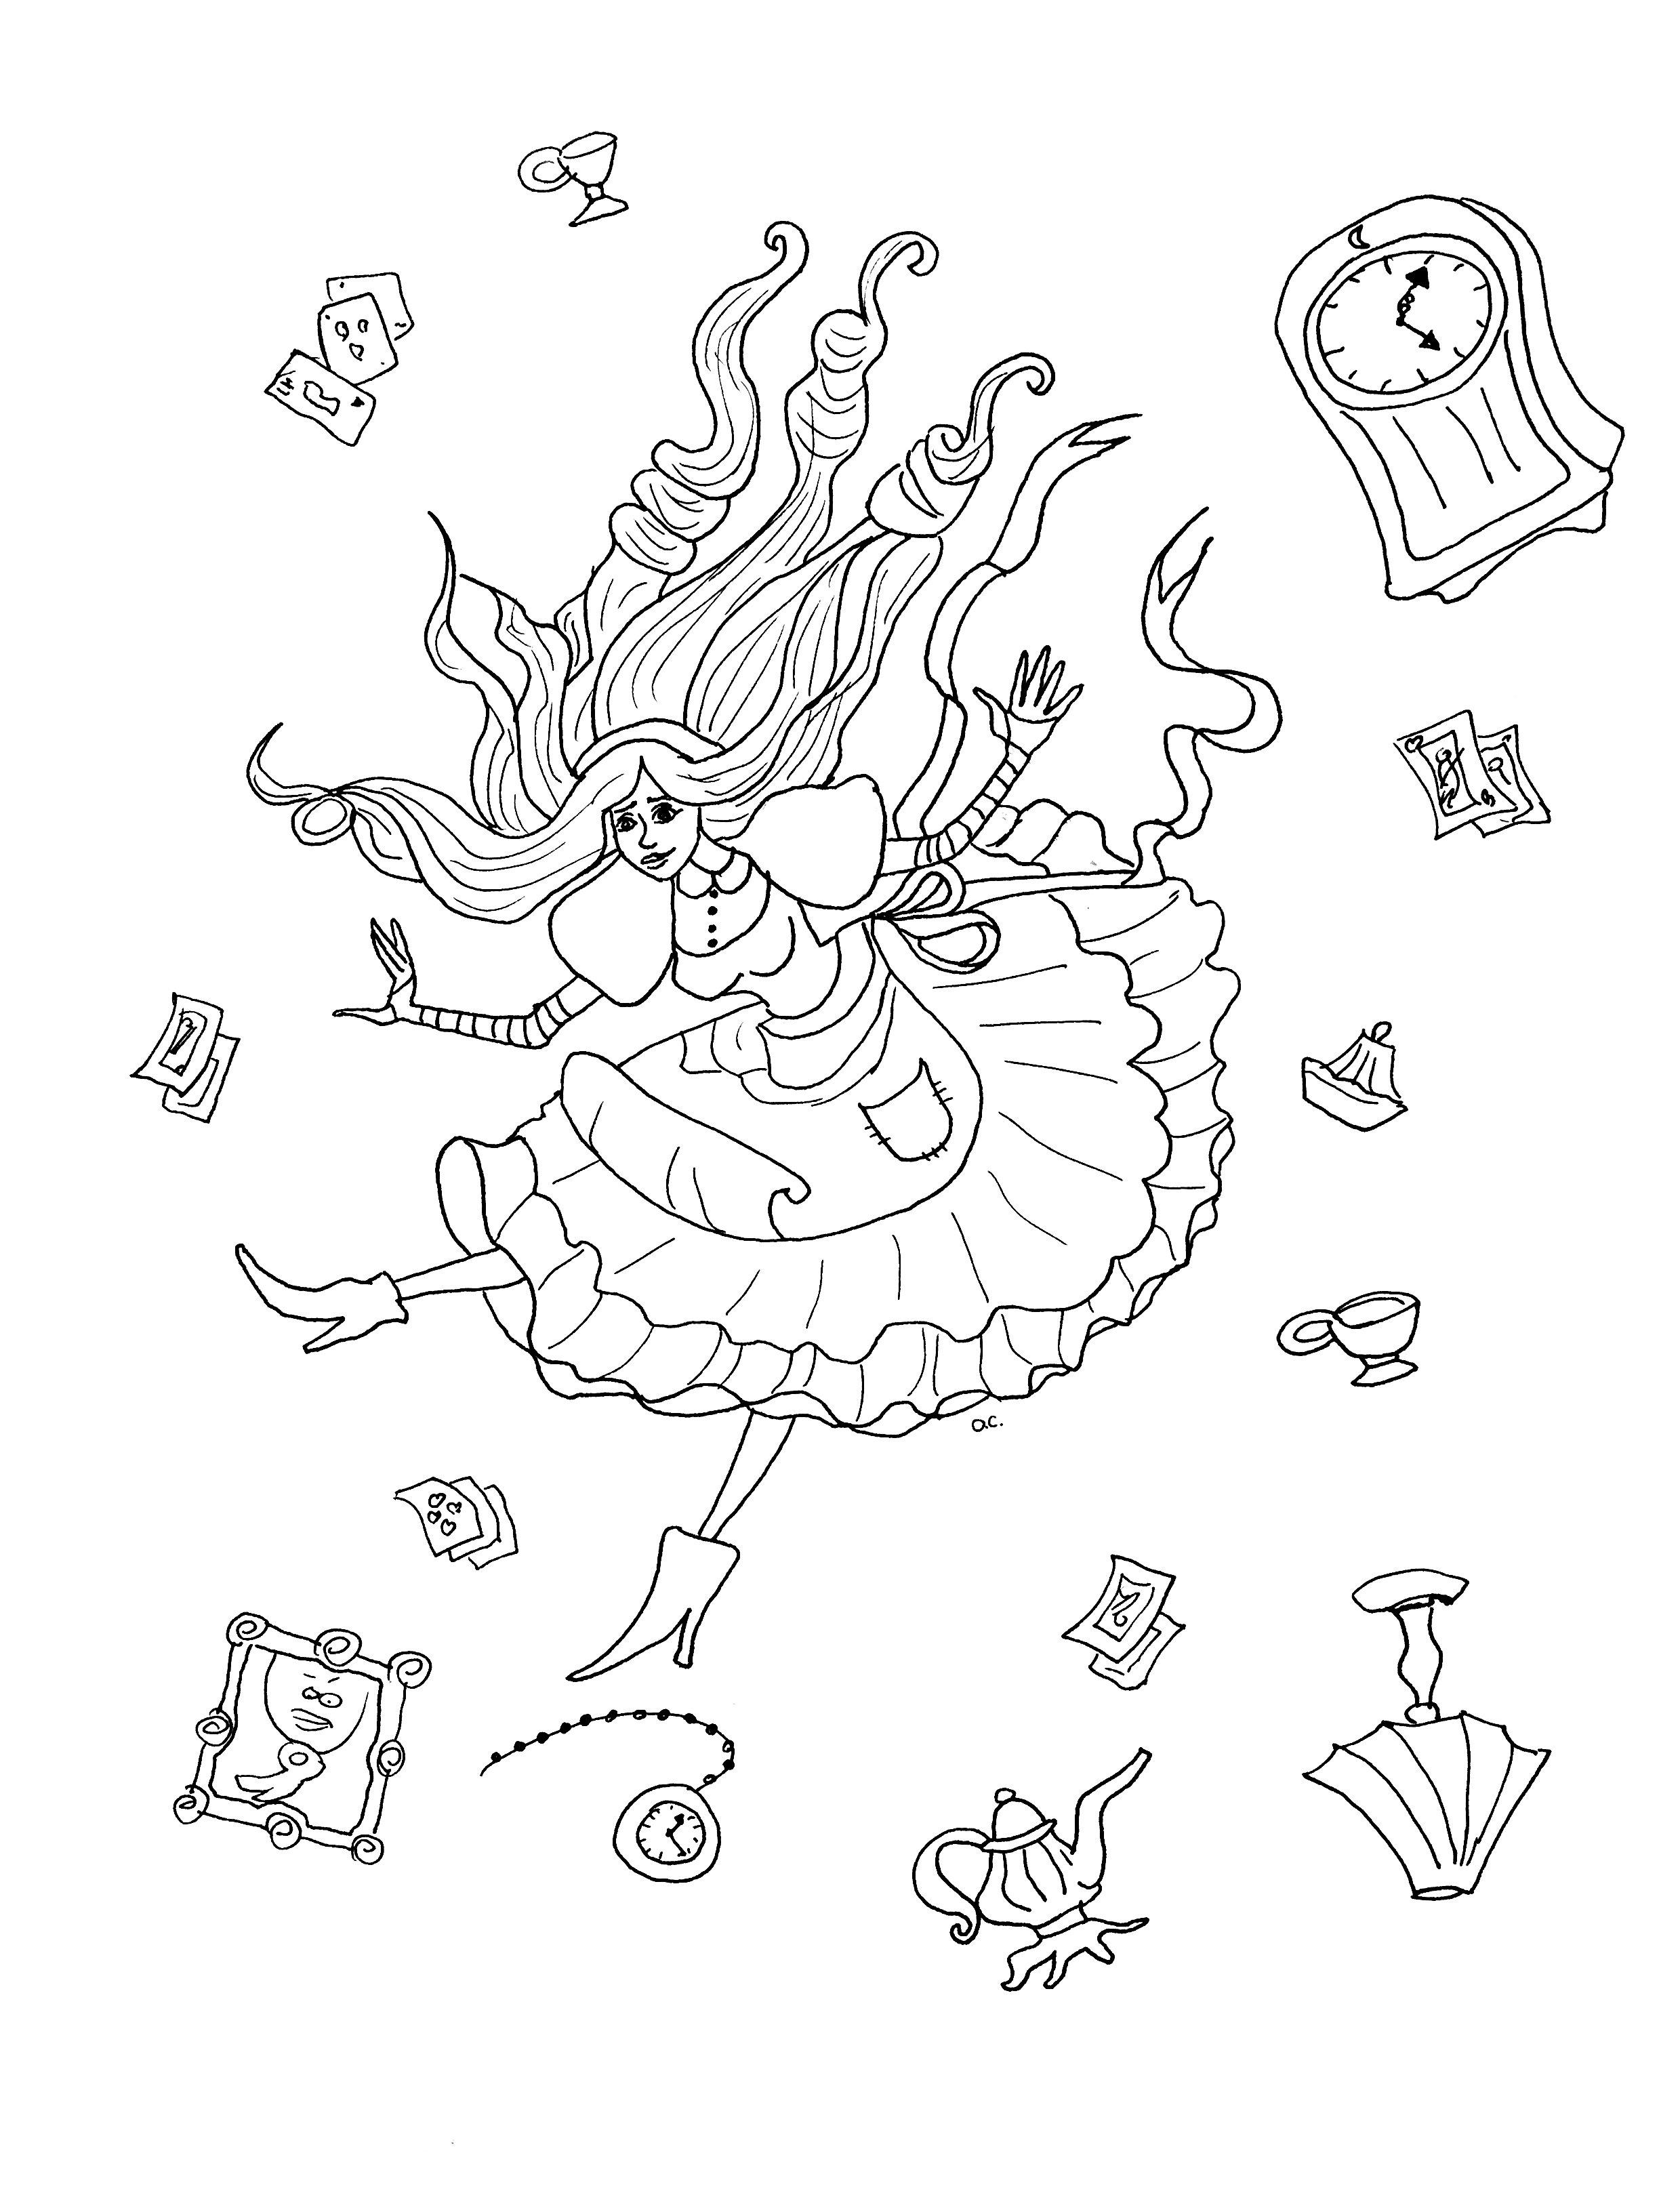 Coloriage original inspiré par Alice au pays des merveilles (version 2 avec objets)A partir de la galerie : Retour En EnfanceArtiste : Olivier